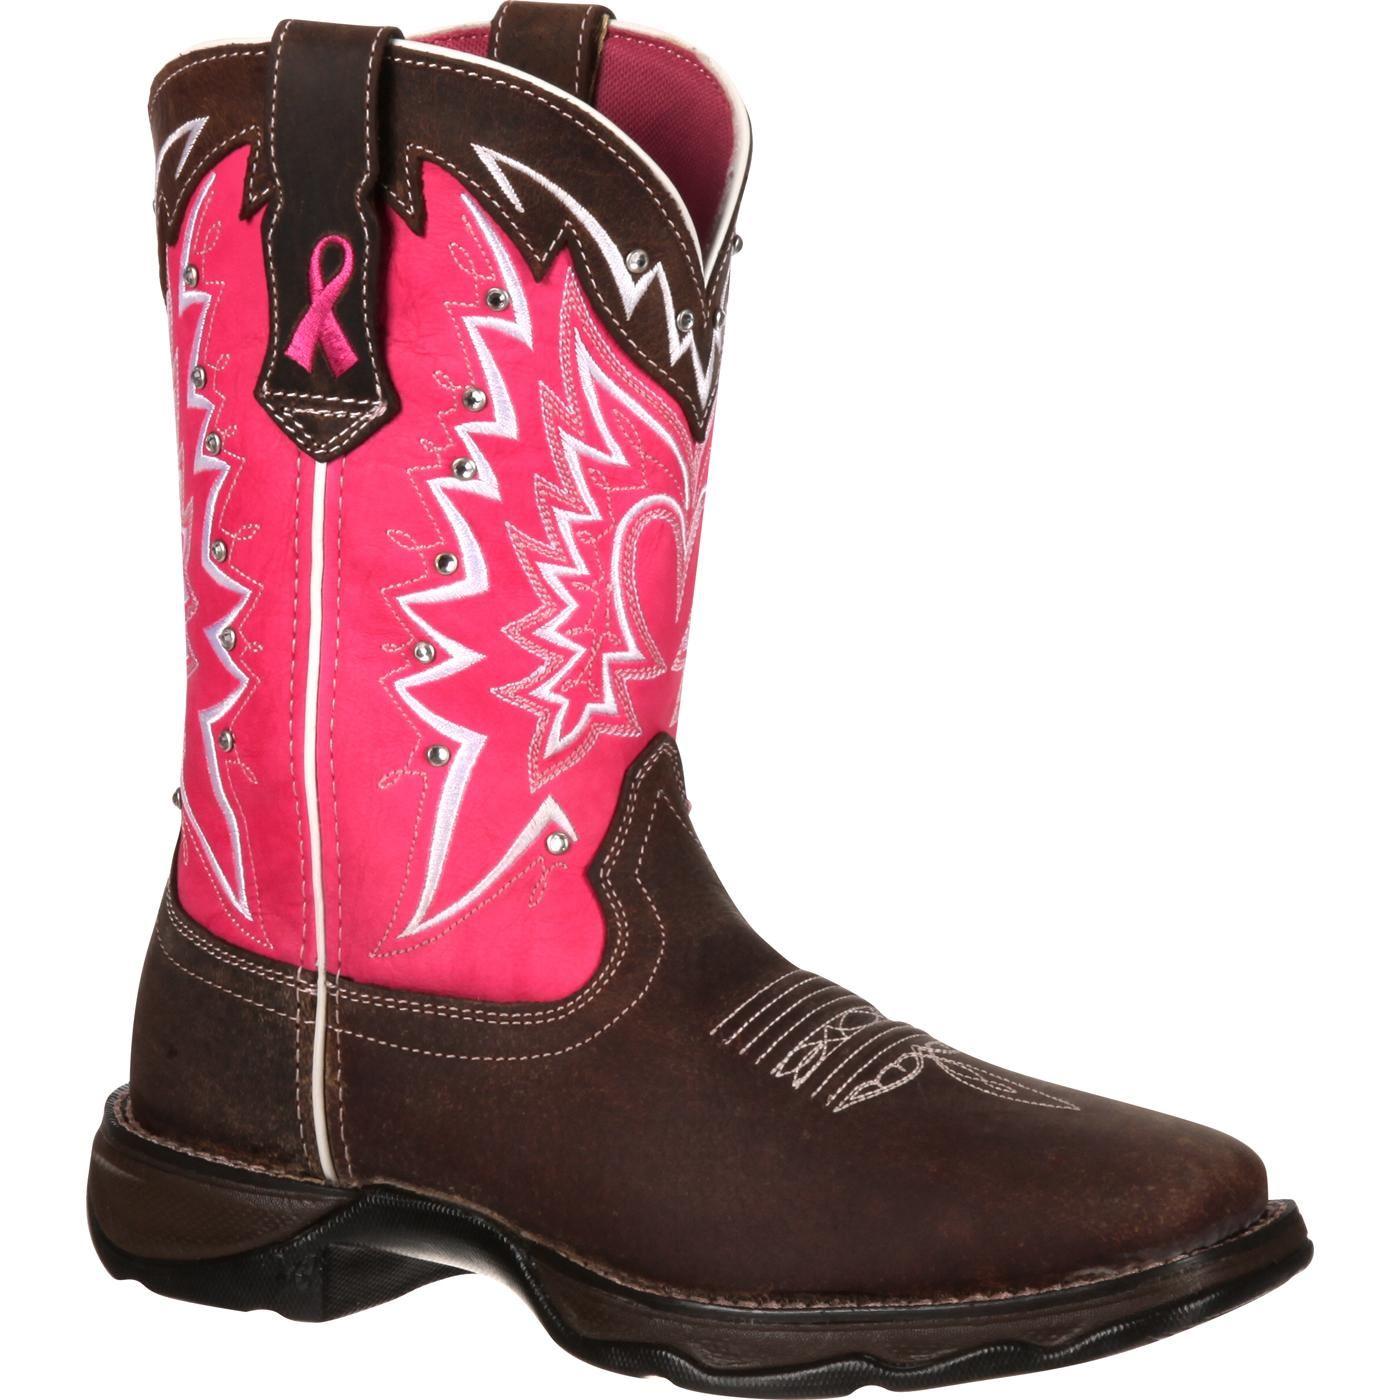 Durango Benefiting Stefanie Spielman Women's Western Boot